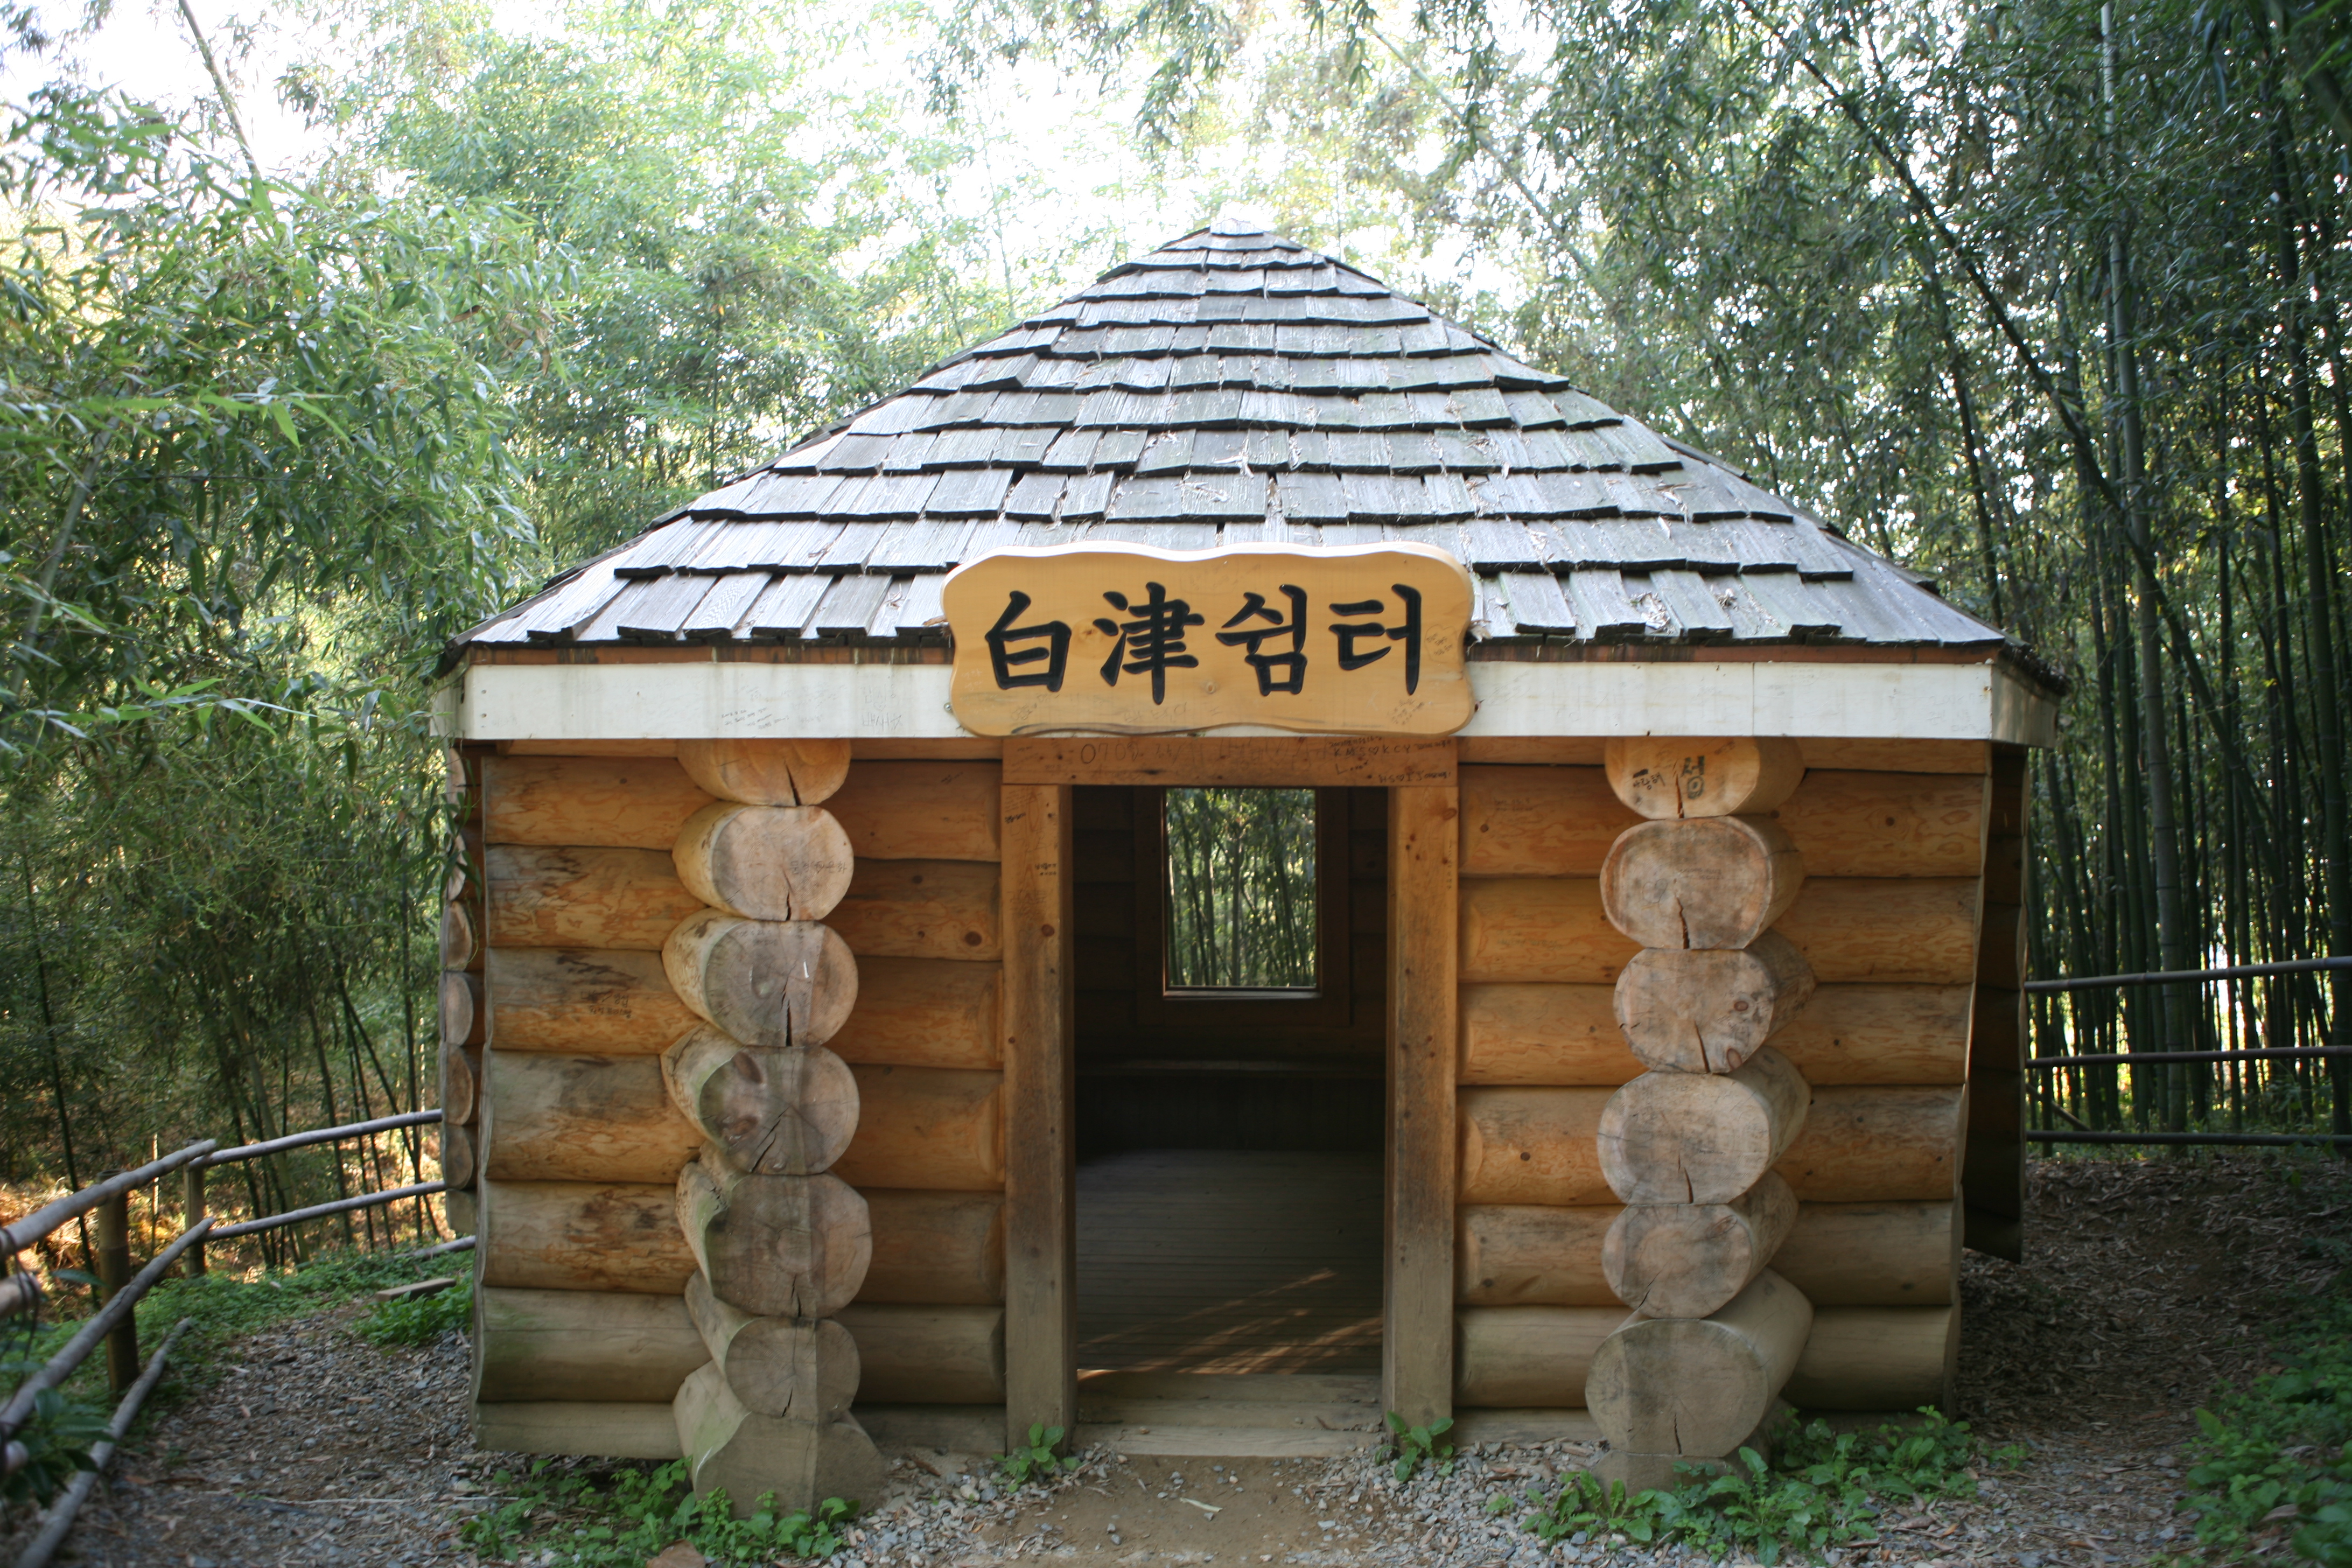 File:Korea-Damyang-Juknogwon-Bamboo Garden-Hut-01.jpg - Wikimedia ...